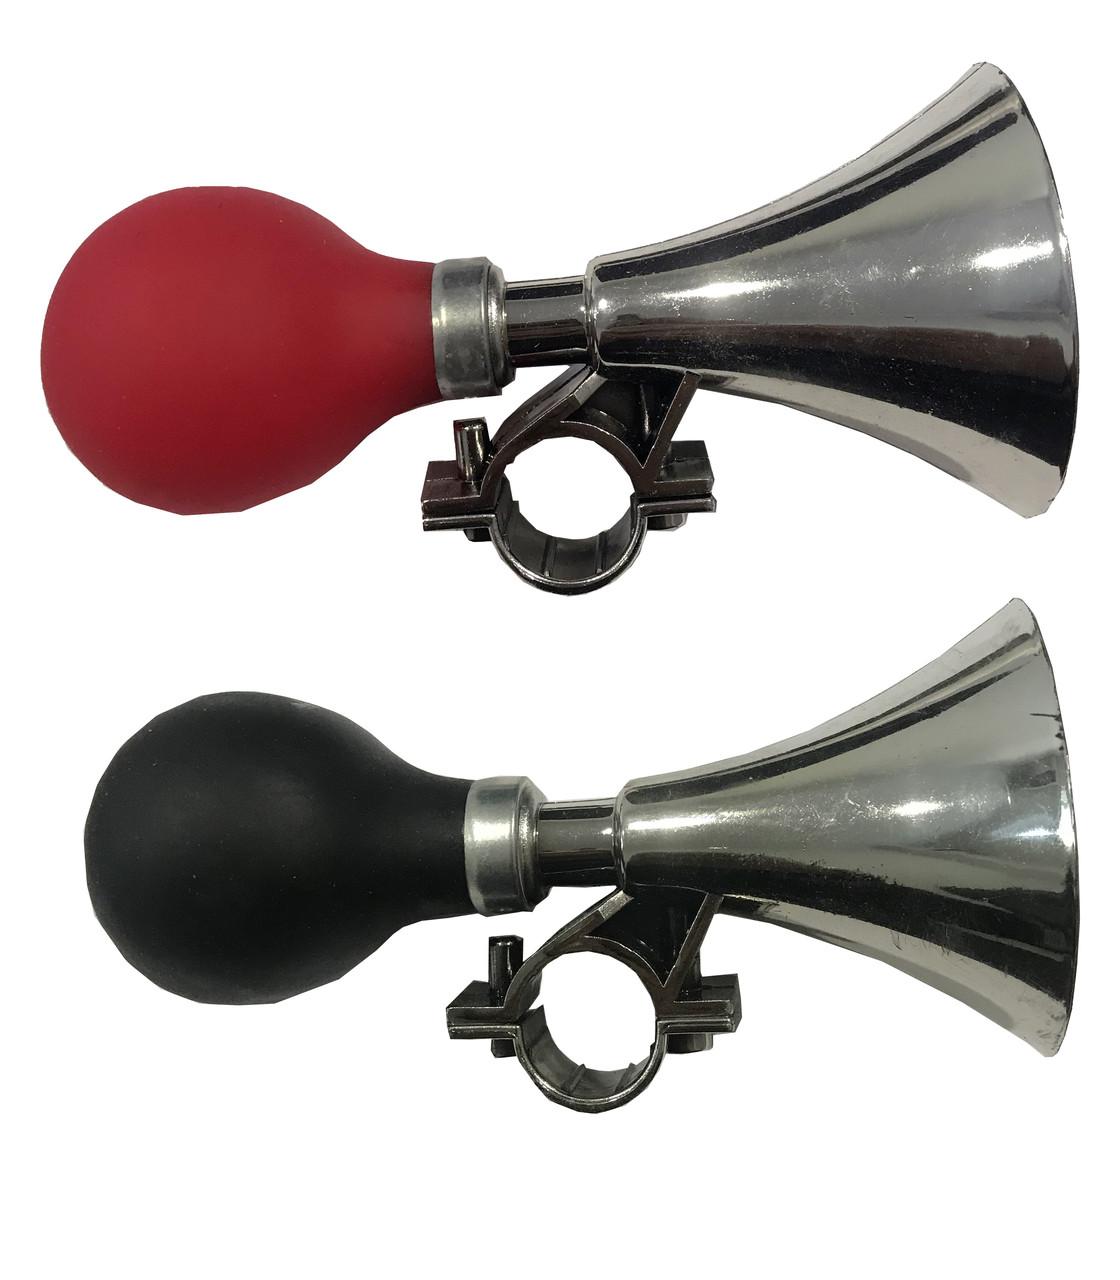 Сигнал для велосипеда красный и черный (клаксон)15 см